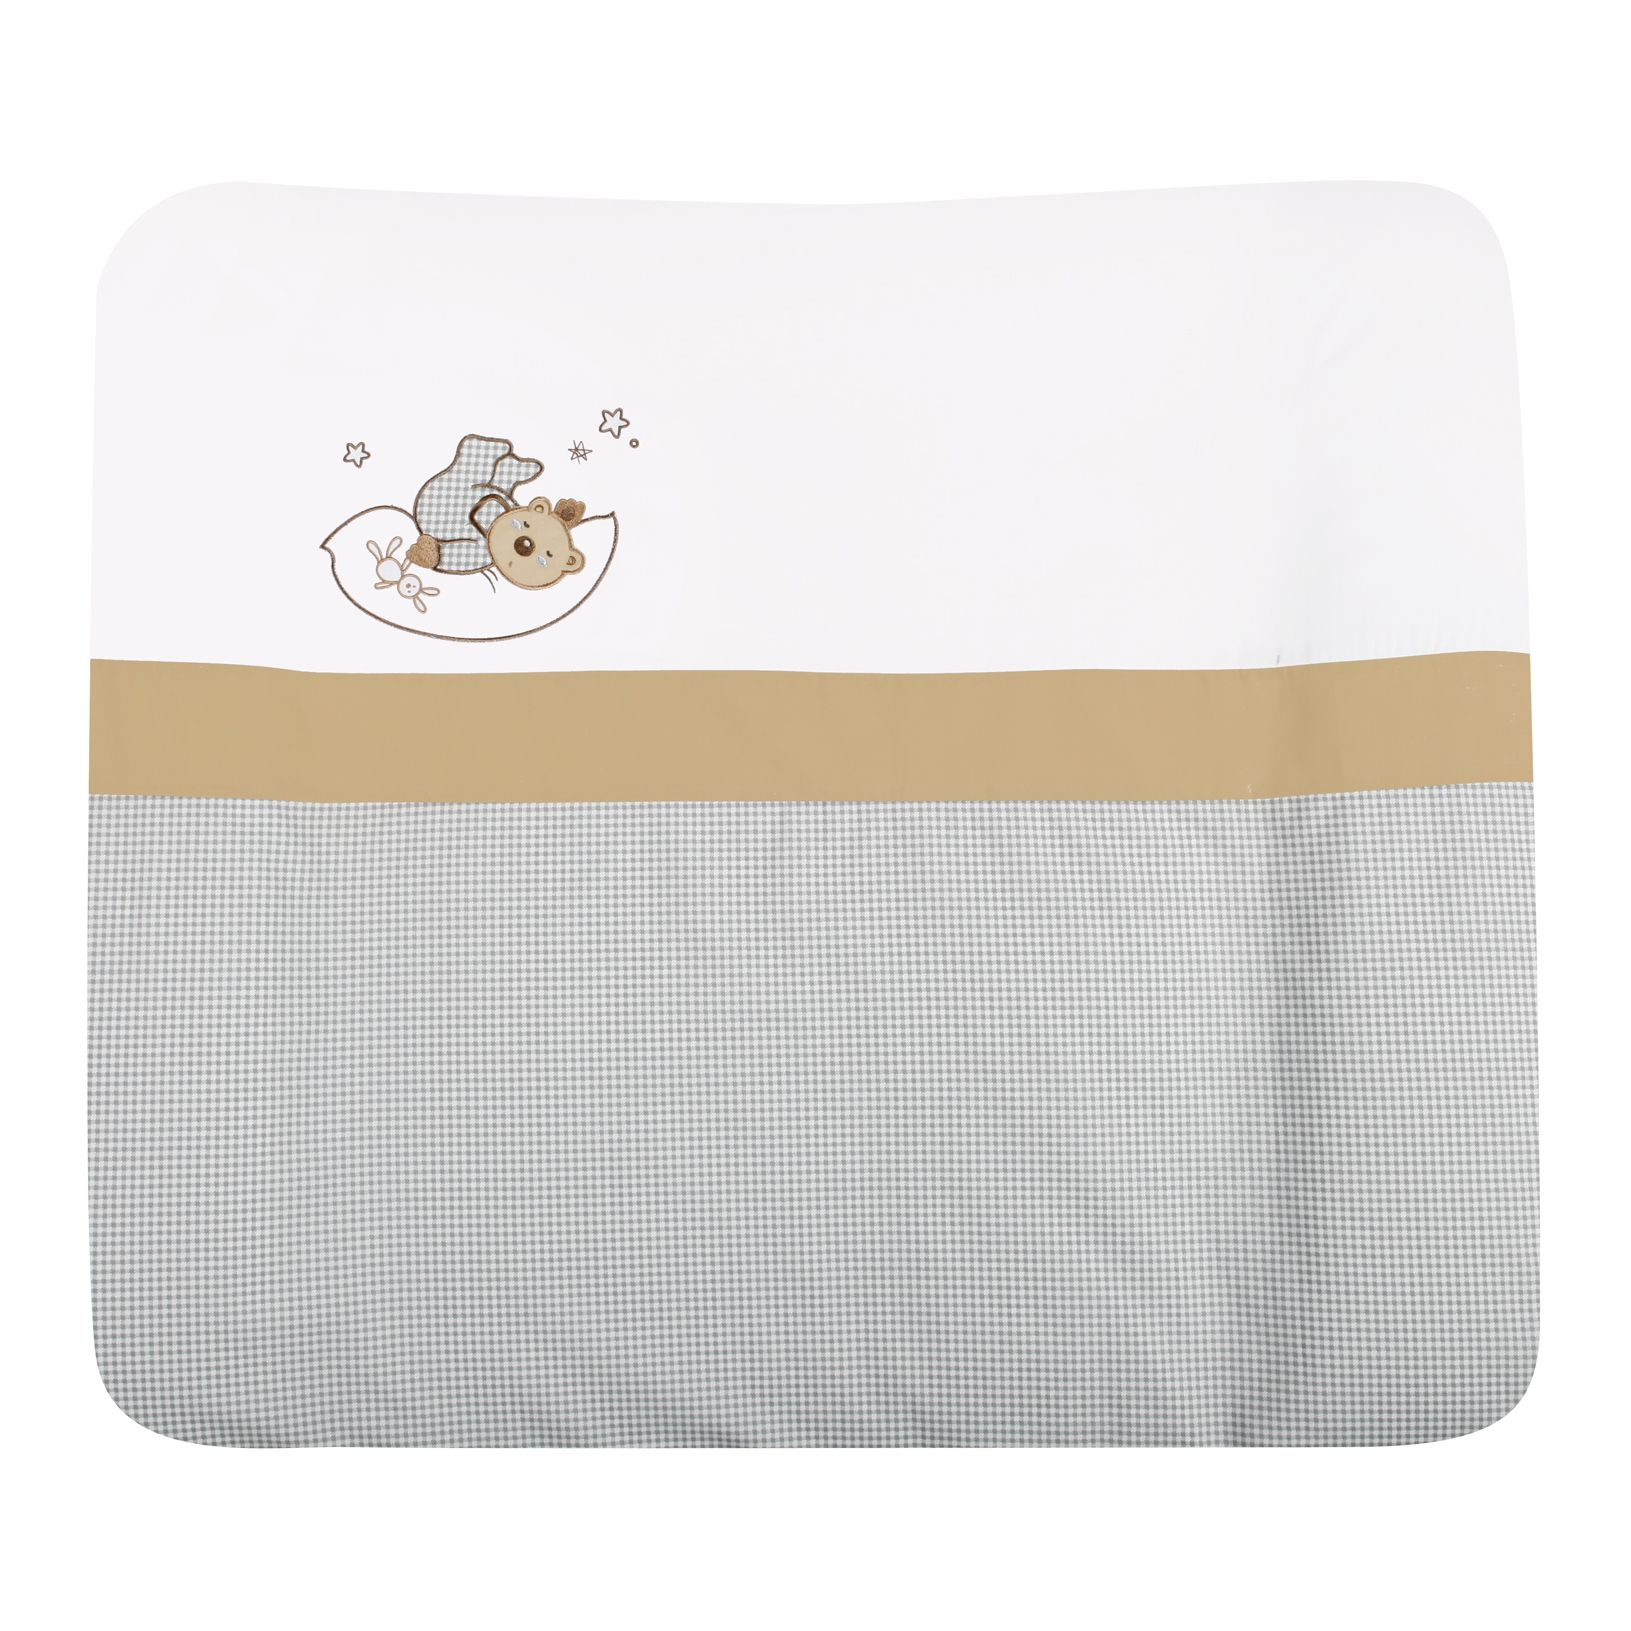 Wickelauflage Sternenbär - 100% Baumwolle - Weiß/Grau mit Bärchenapplikation